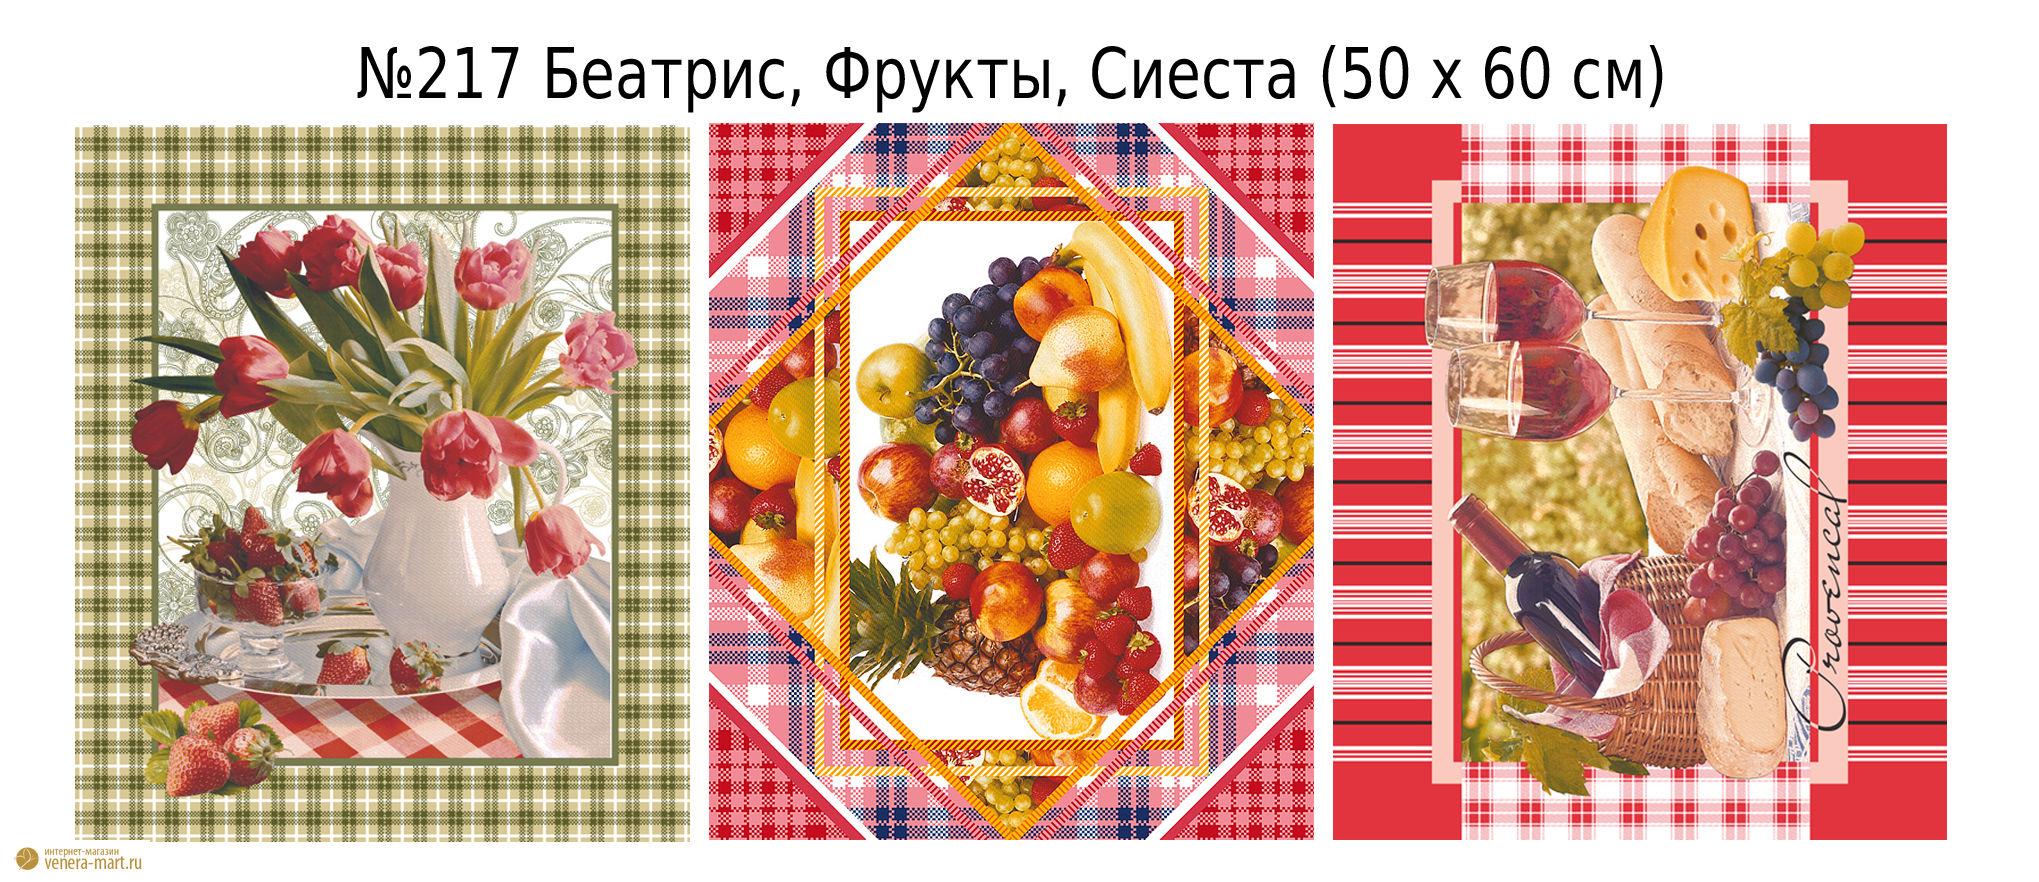 """Набор вафельных полотенец """"Беатрис"""", """"Фрукты"""", """"Сиеста"""""""